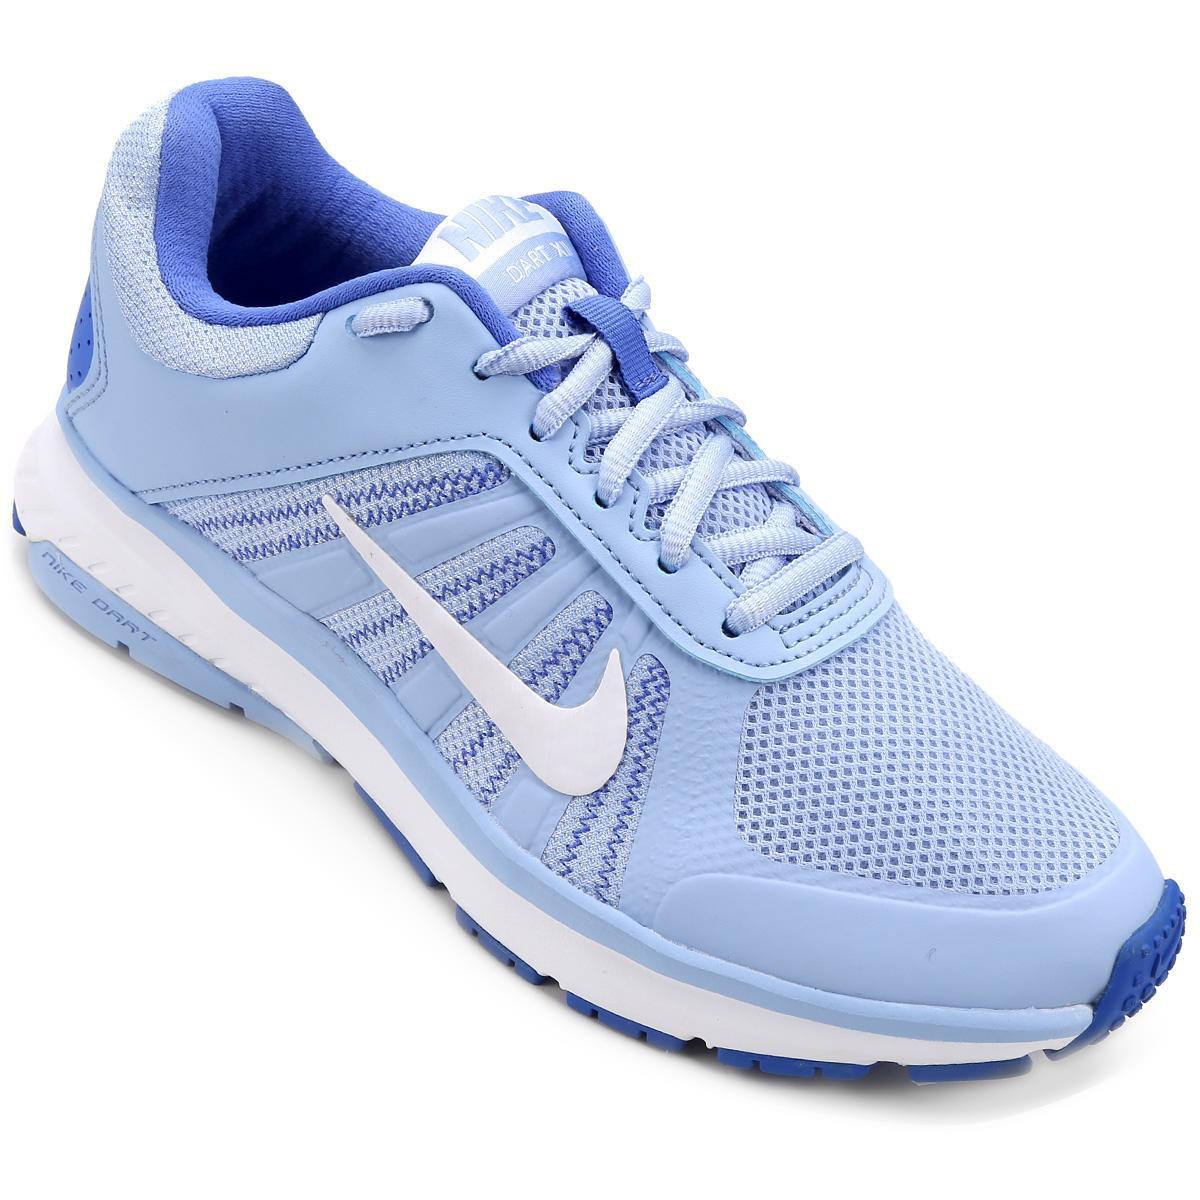 53f80e8d96 ... best Tênis Nike Dart 12 MSL Feminino - Azul Claro e Azul - Compre Agora  . ...